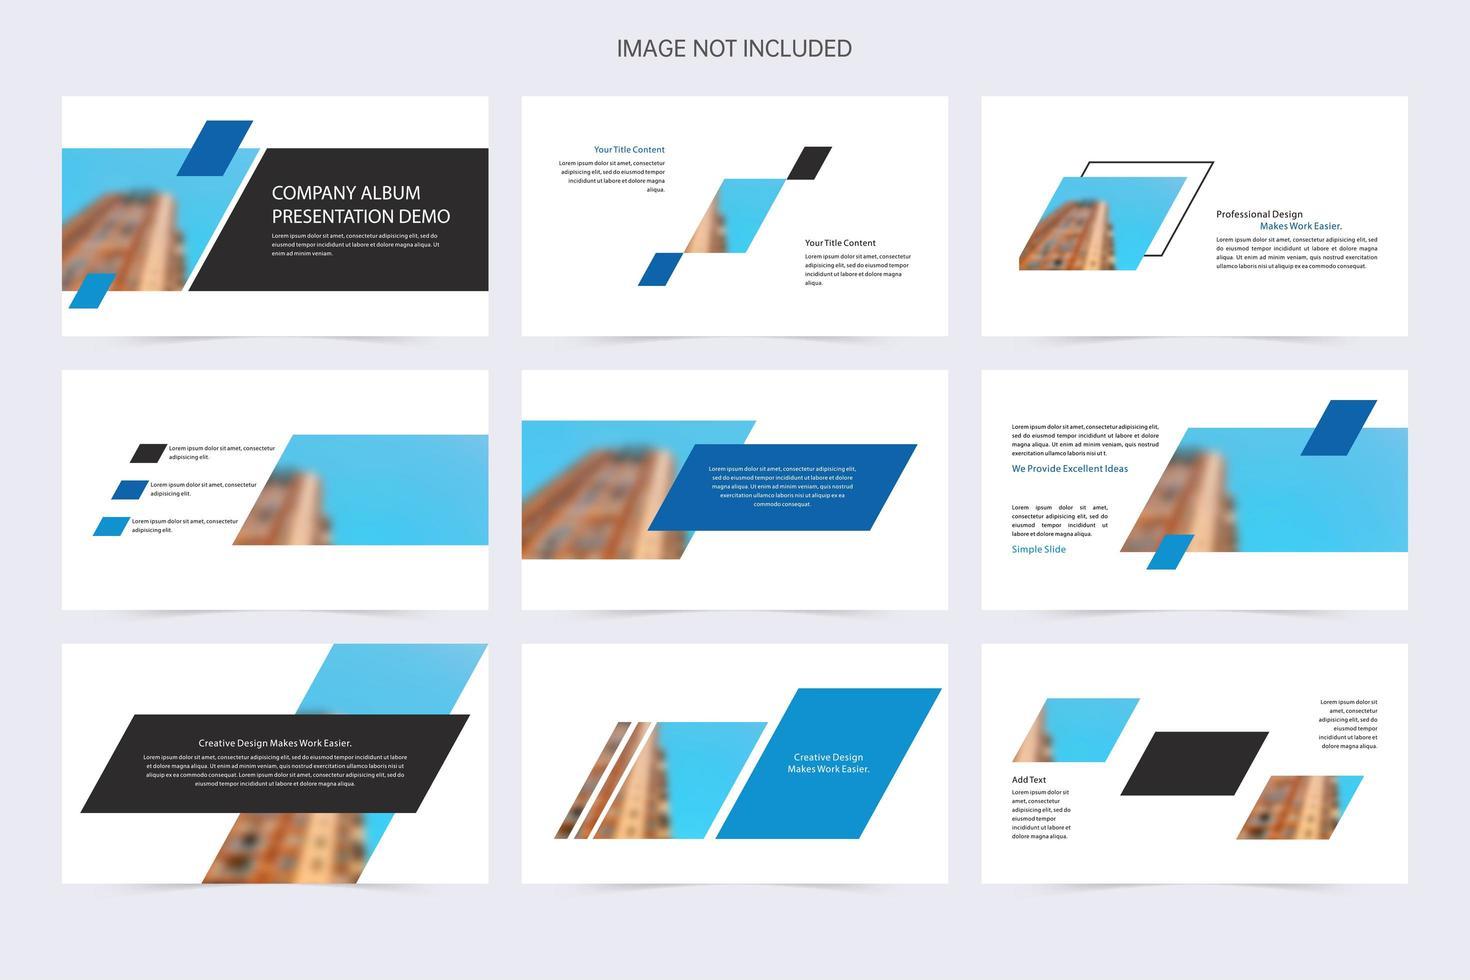 démo de présentation de la forme coudée blanche et bleue de l'entreprise vecteur